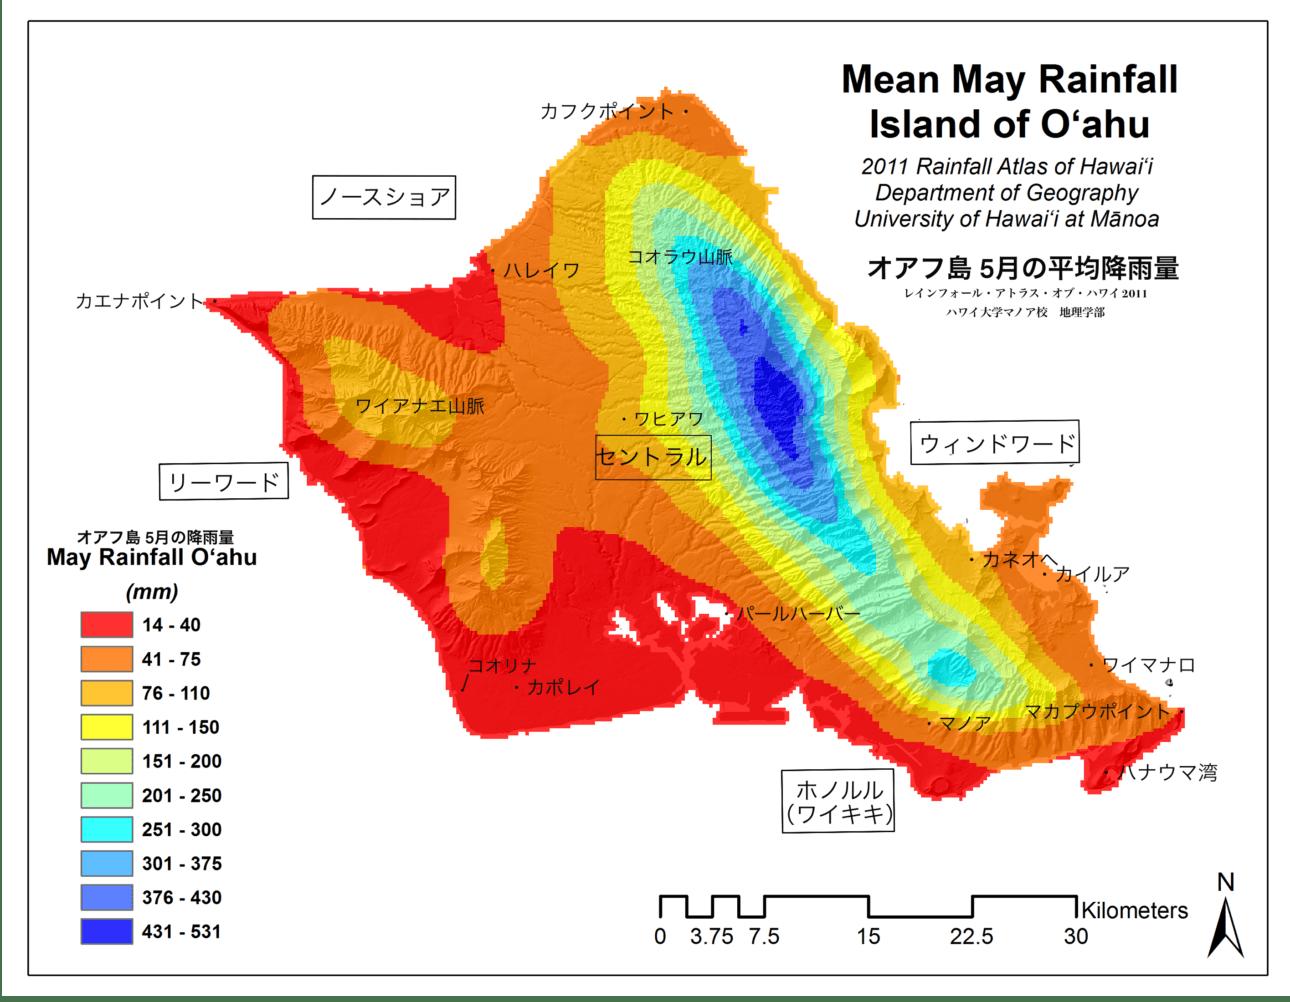 オアフ島 5月の平均降雨量